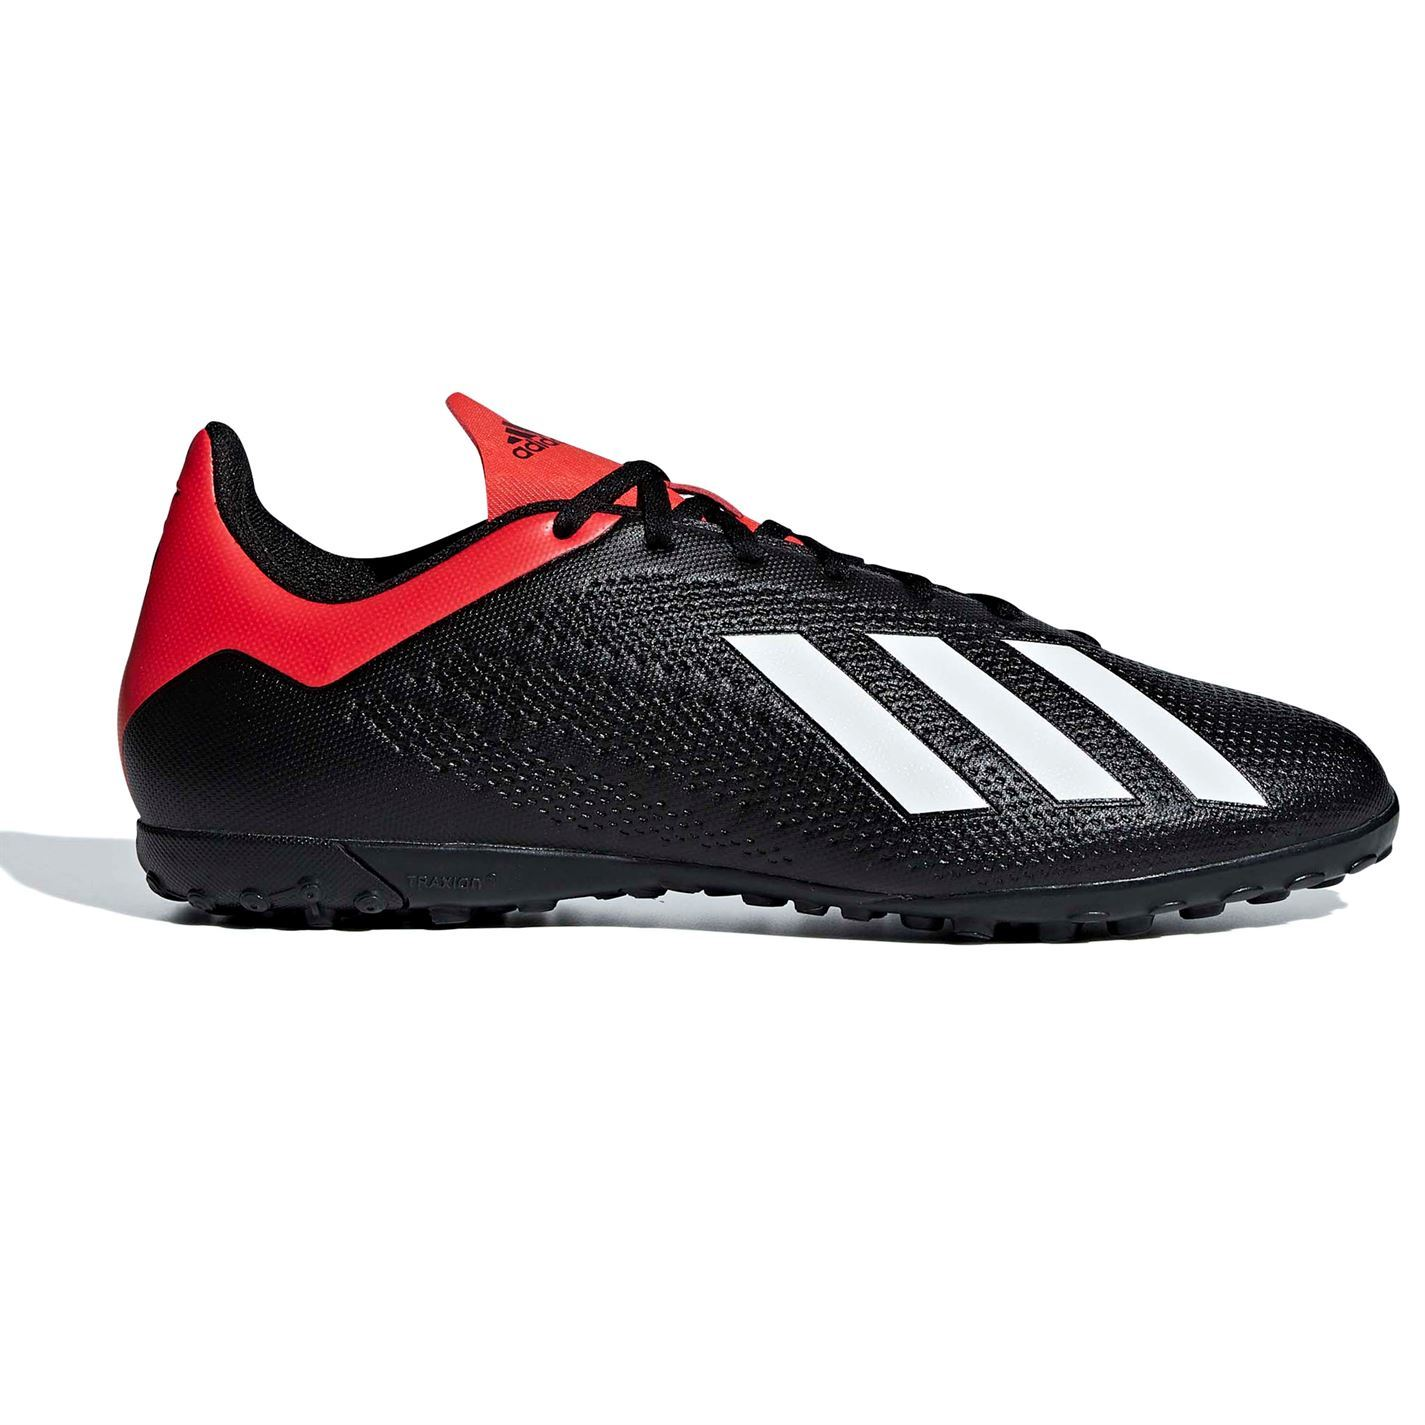 Adidas X Entrenadores De Fútbol Astro Turf Tango 18.4 Fútbol Fútbol Fútbol Zapatos Deportivos Para Hombre f63f79